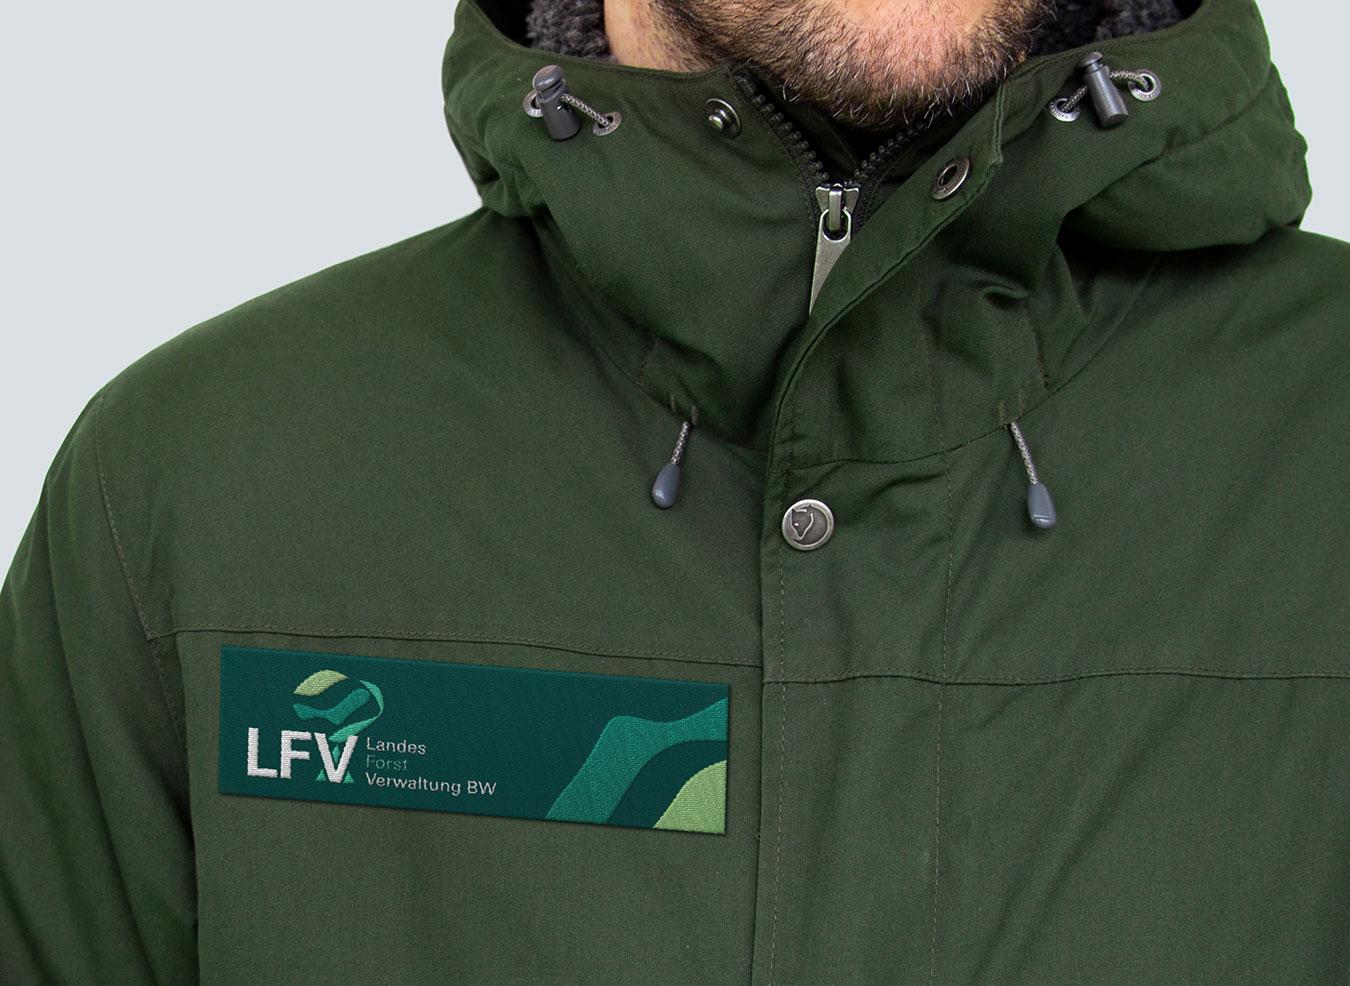 Badge auf einer Jacke.